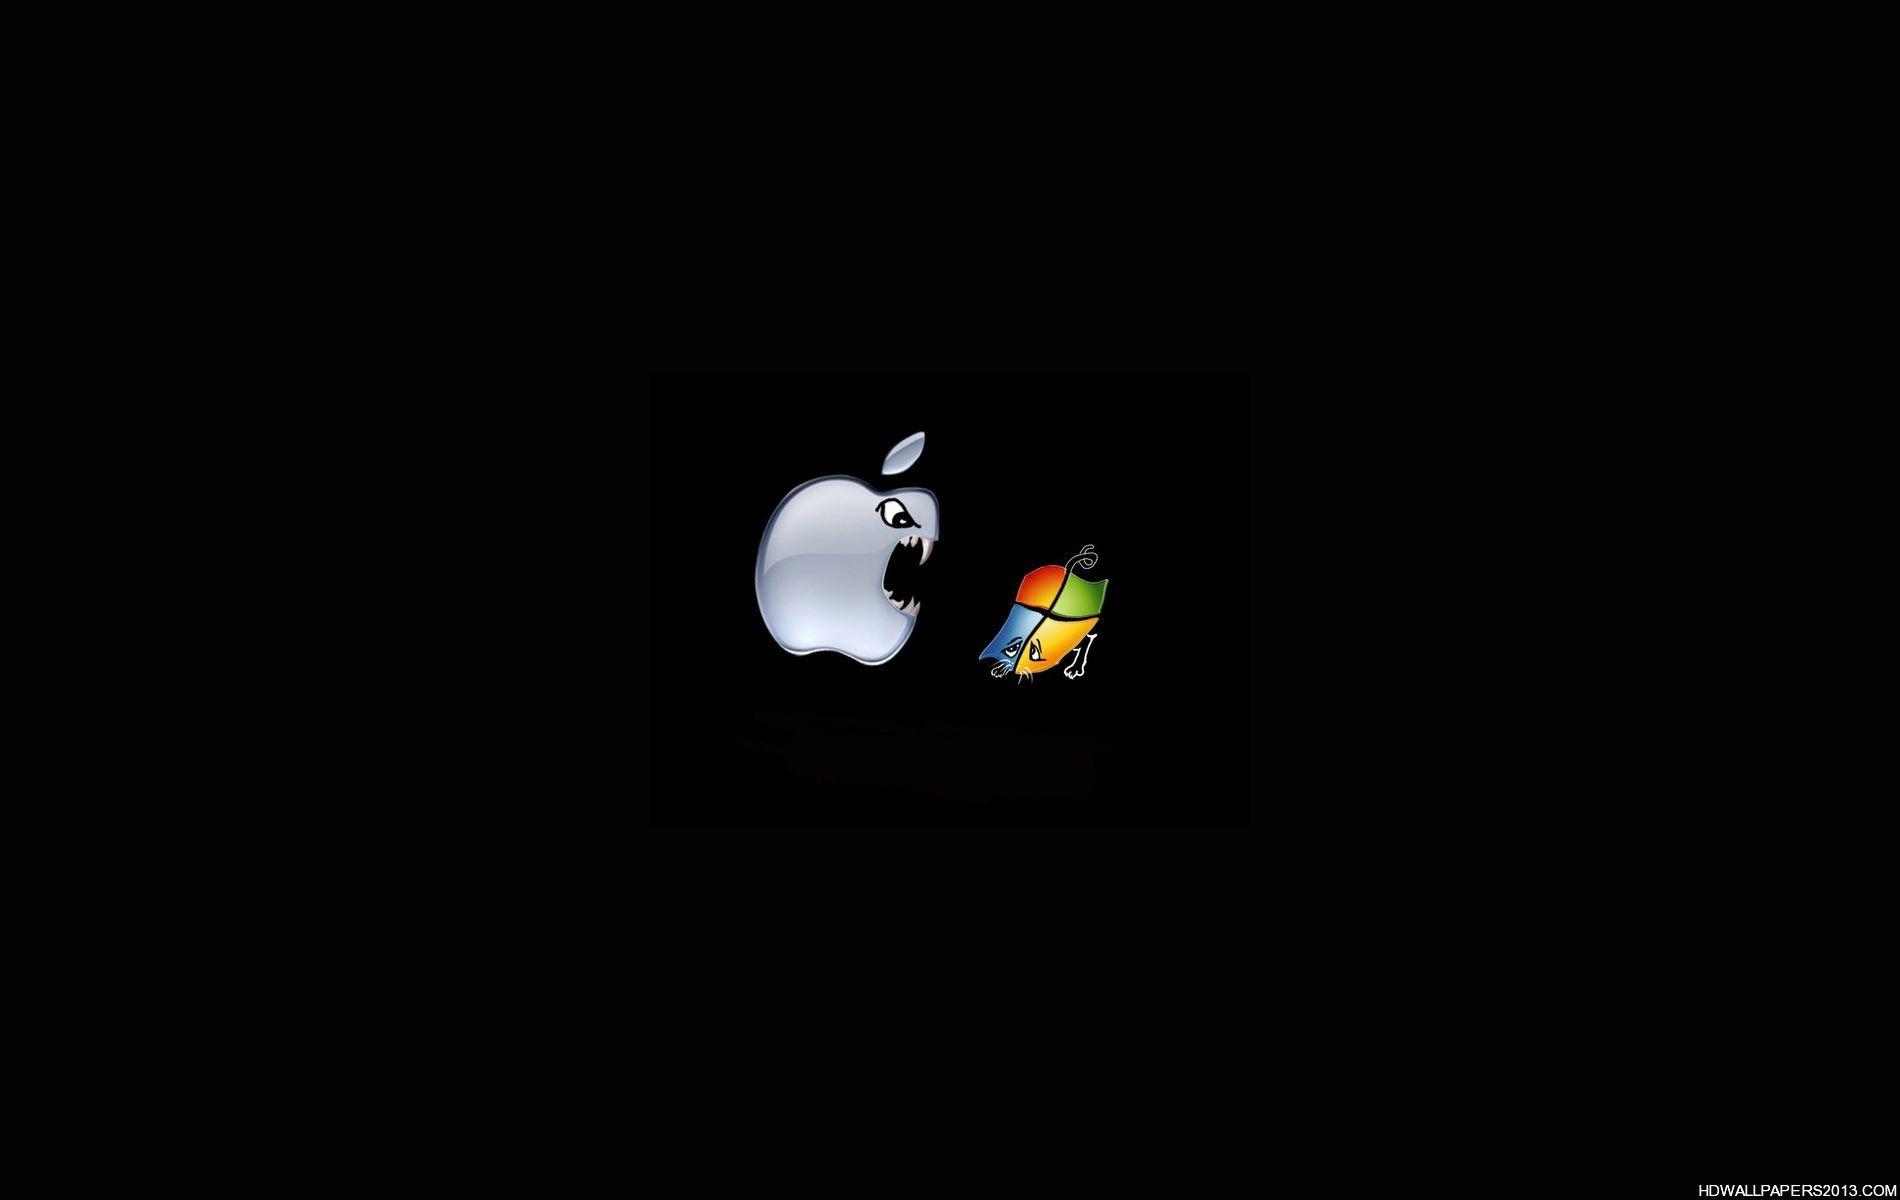 Images Of Funny Desktop Background Mac Wallpaper Hd Wallpapers For Mac Hd Wallpaper